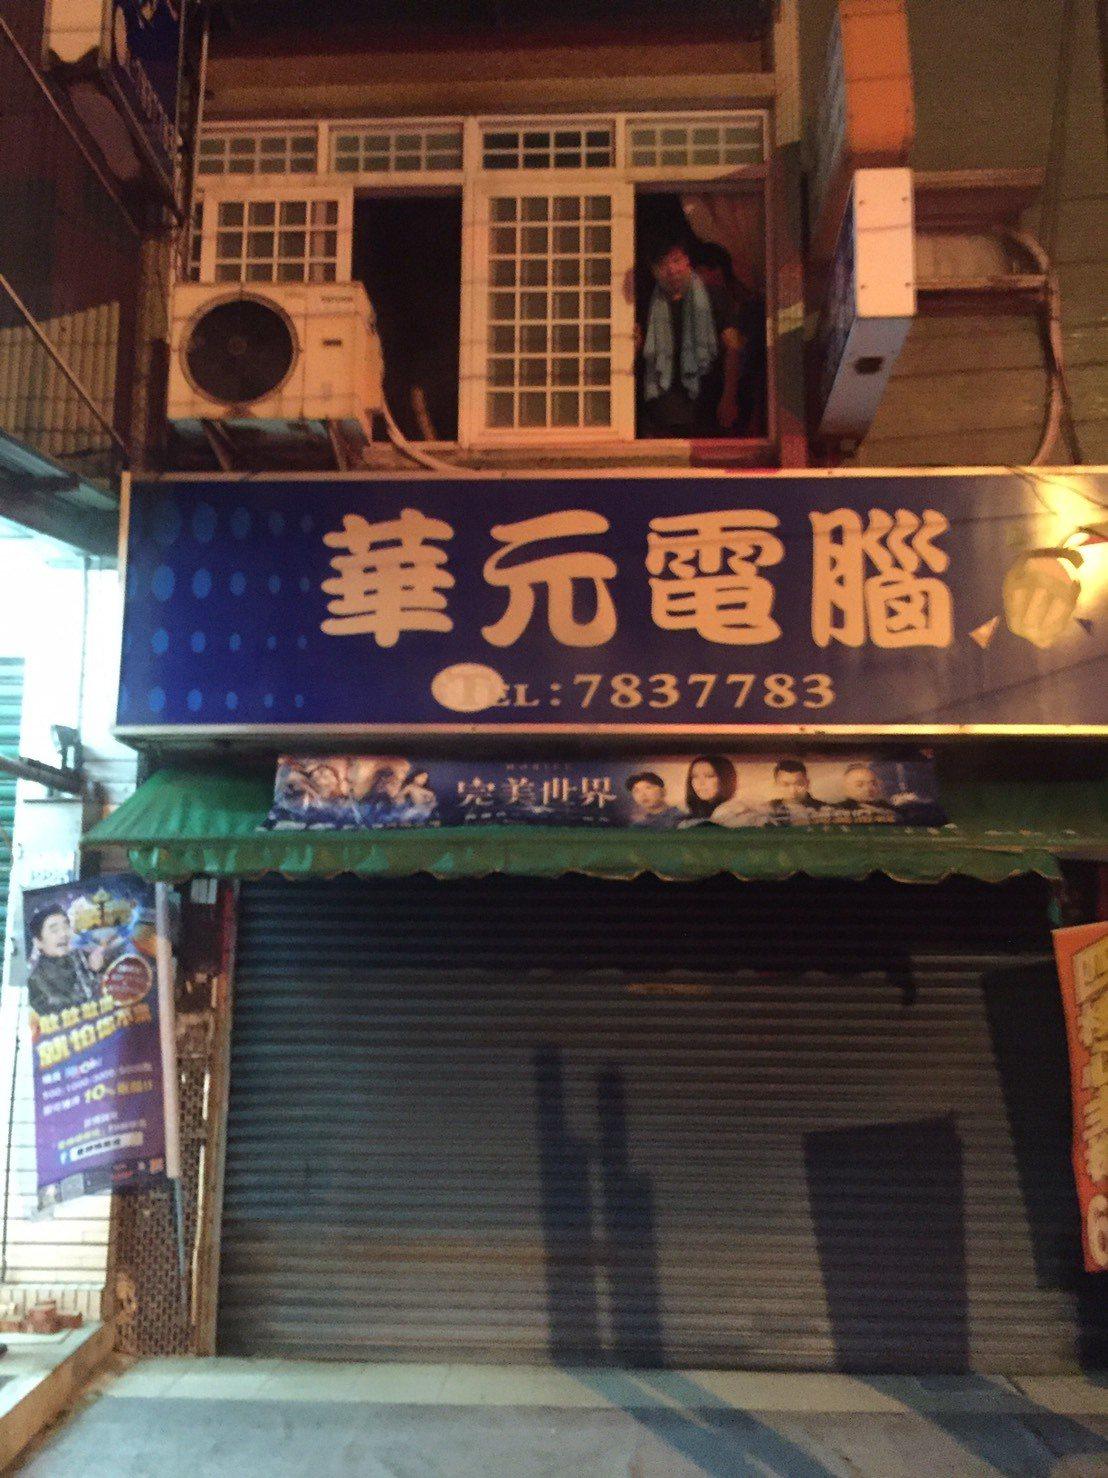 台南市學甲區一家電腦行凌晨發生火警,屋主一家3人受困二樓。記者吳淑玲/翻攝